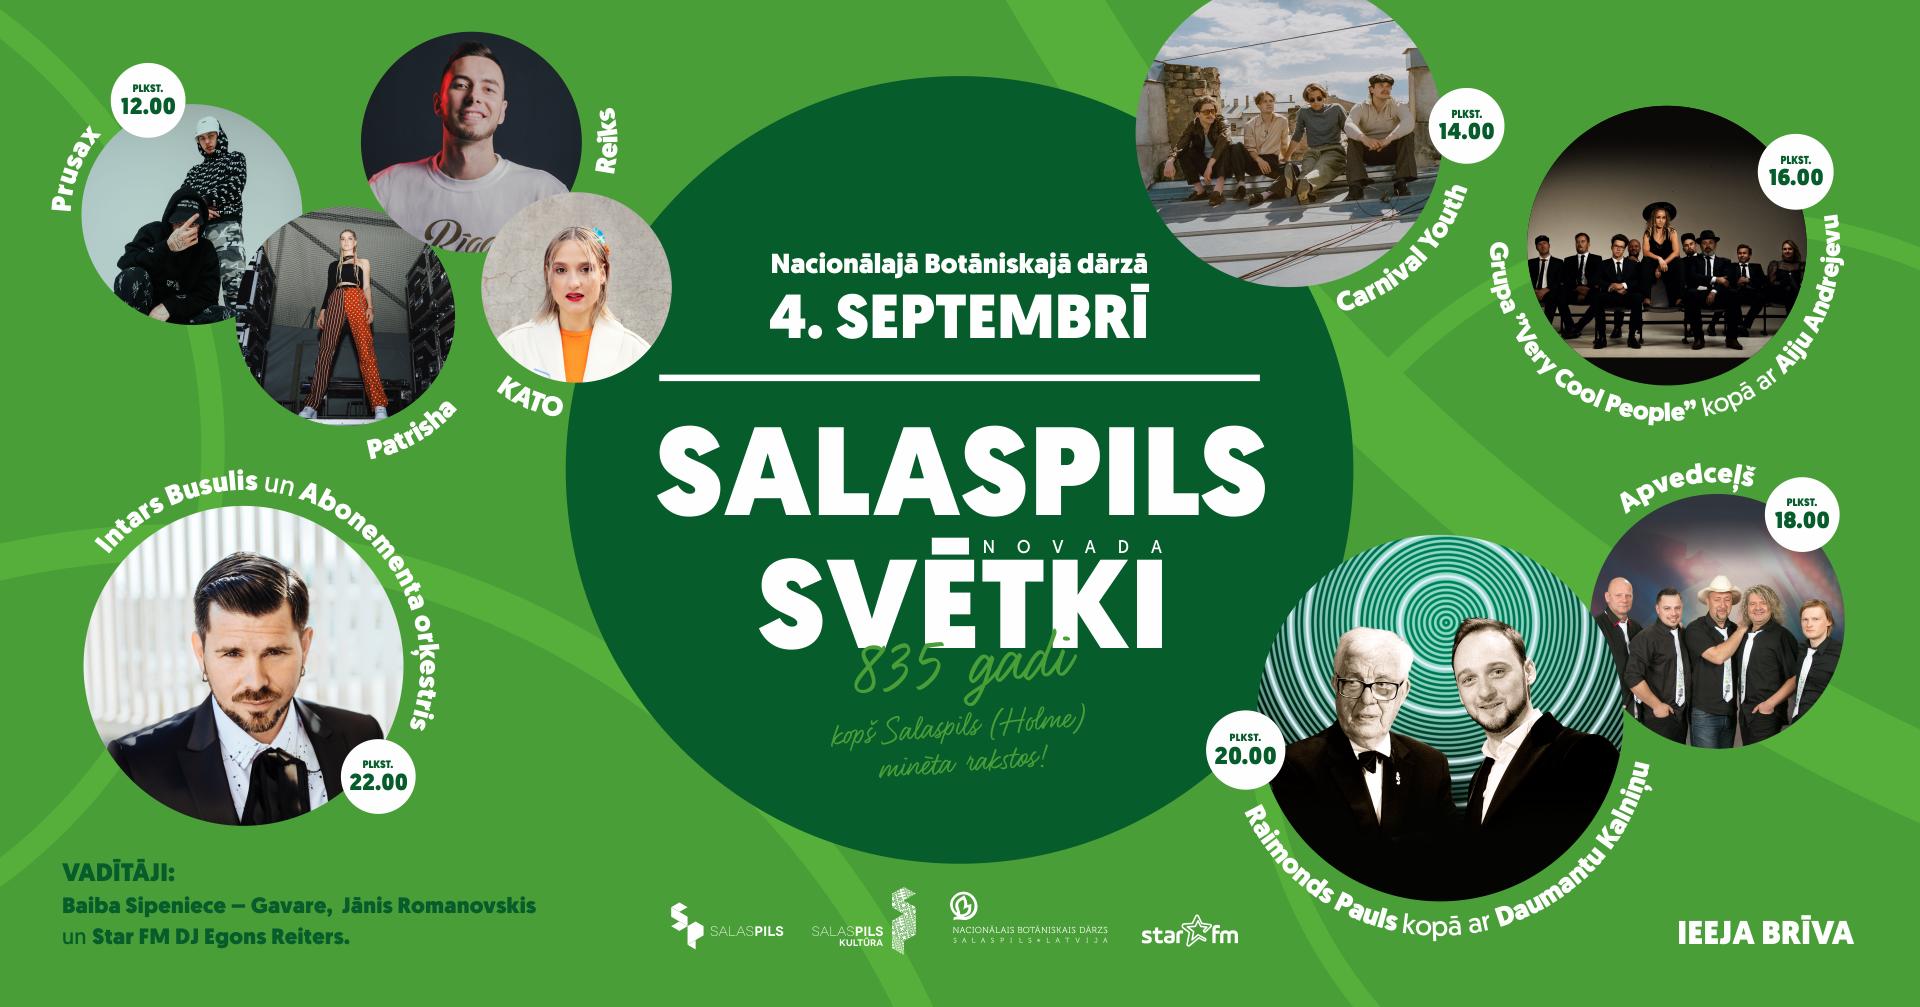 Salaspils novada svētki – 835 gadi kopš Salaspils (Holme) minēta rakstos!